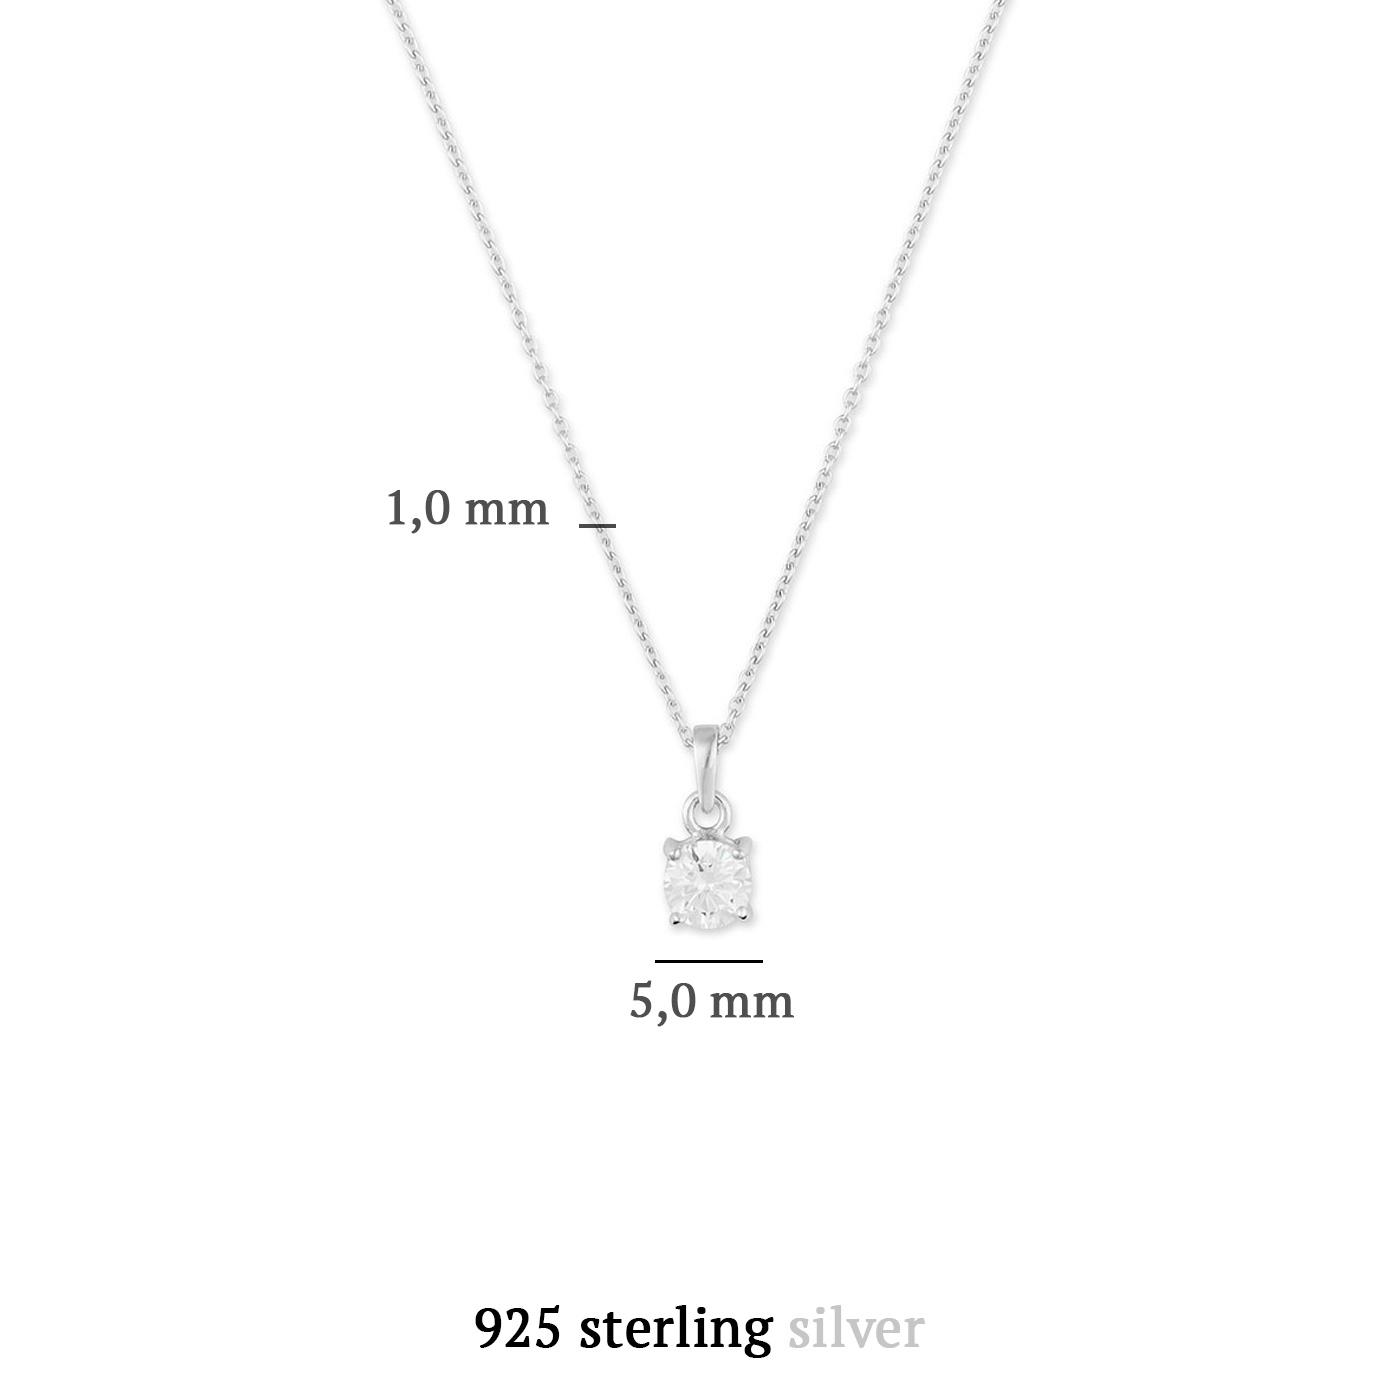 Parte di Me Sorprendimi 925 Sterling Silber Set Ohrstecker, Kette und Schmuckkästchen